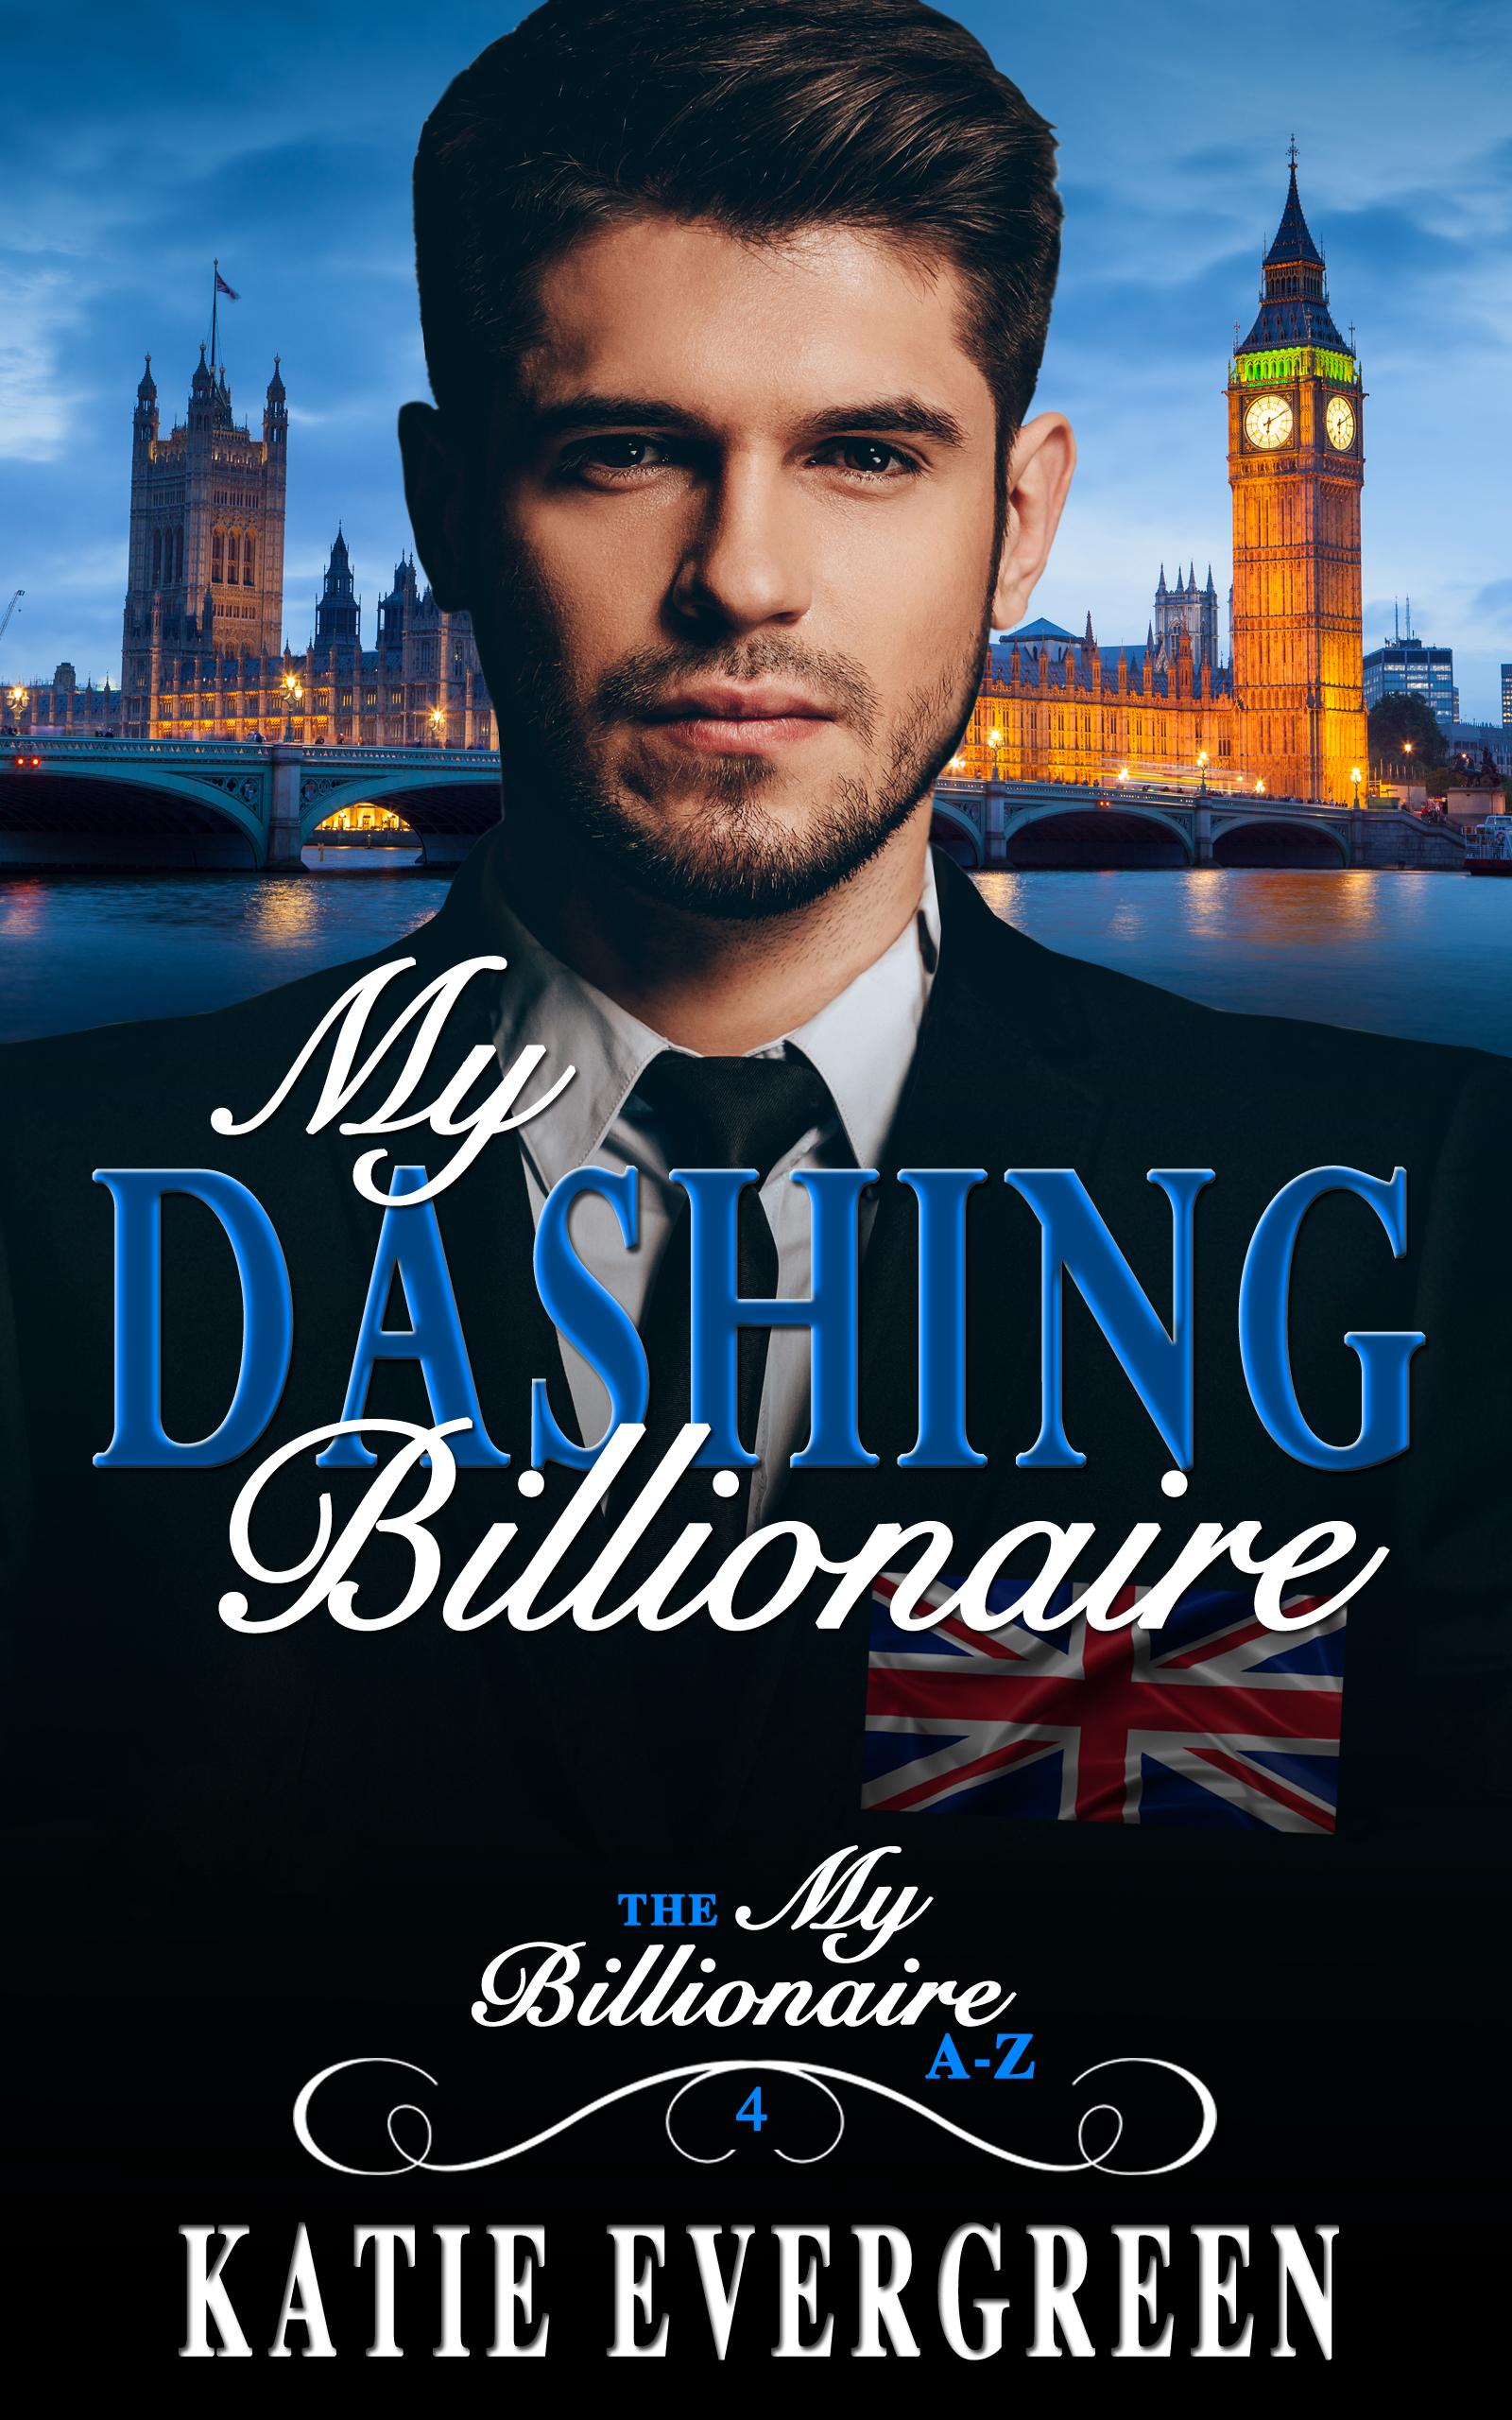 My Dashing Billionaire